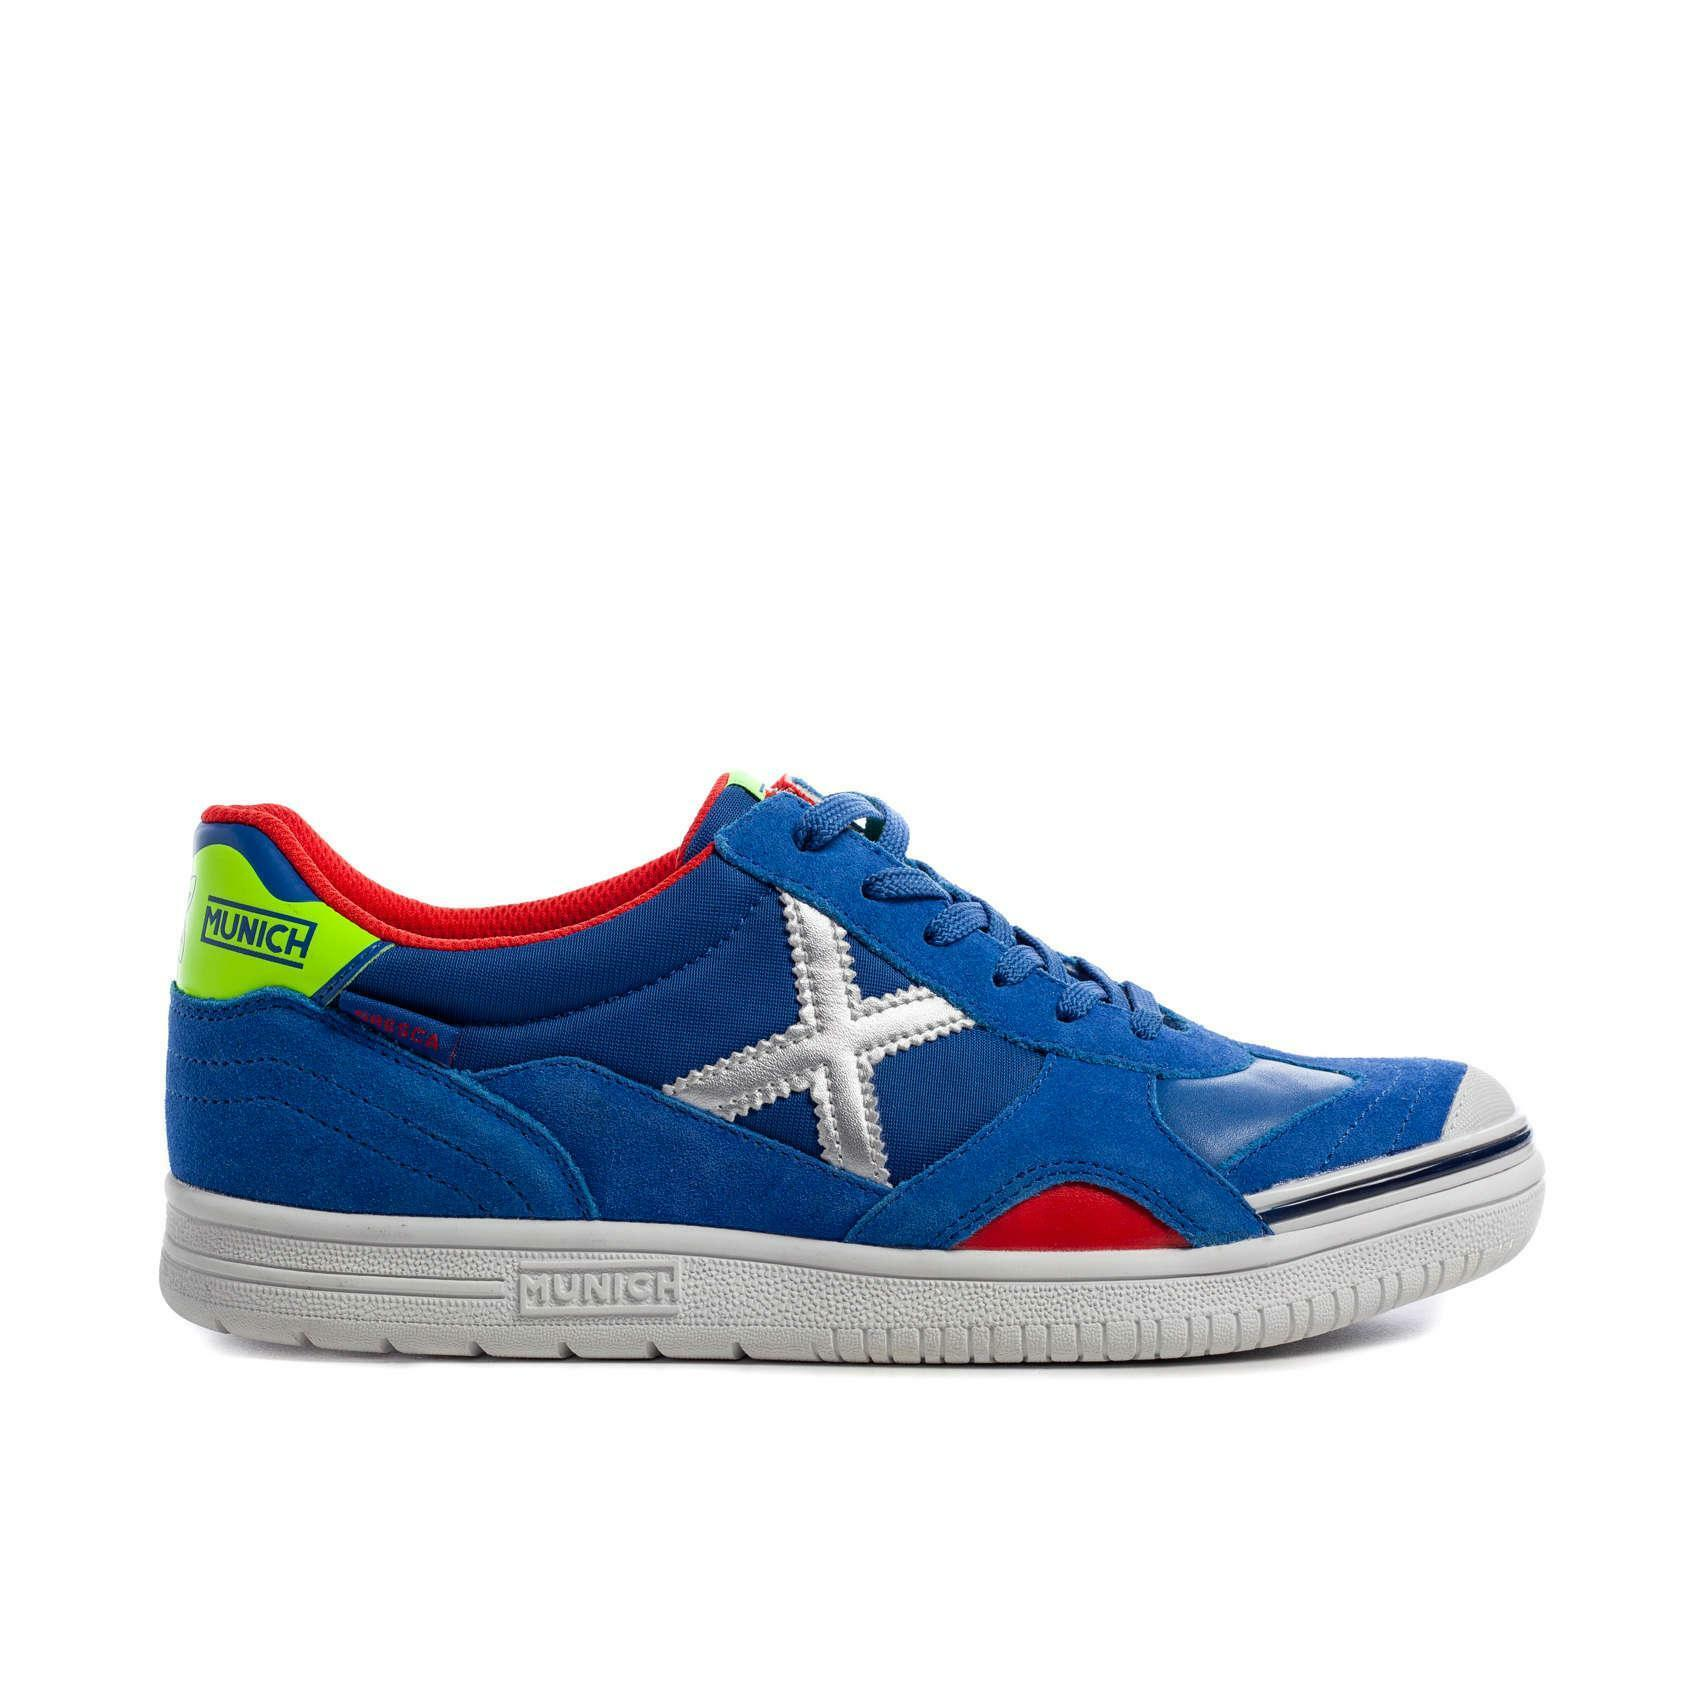 munich munich scarpa indoor gresca azzurro/rosso